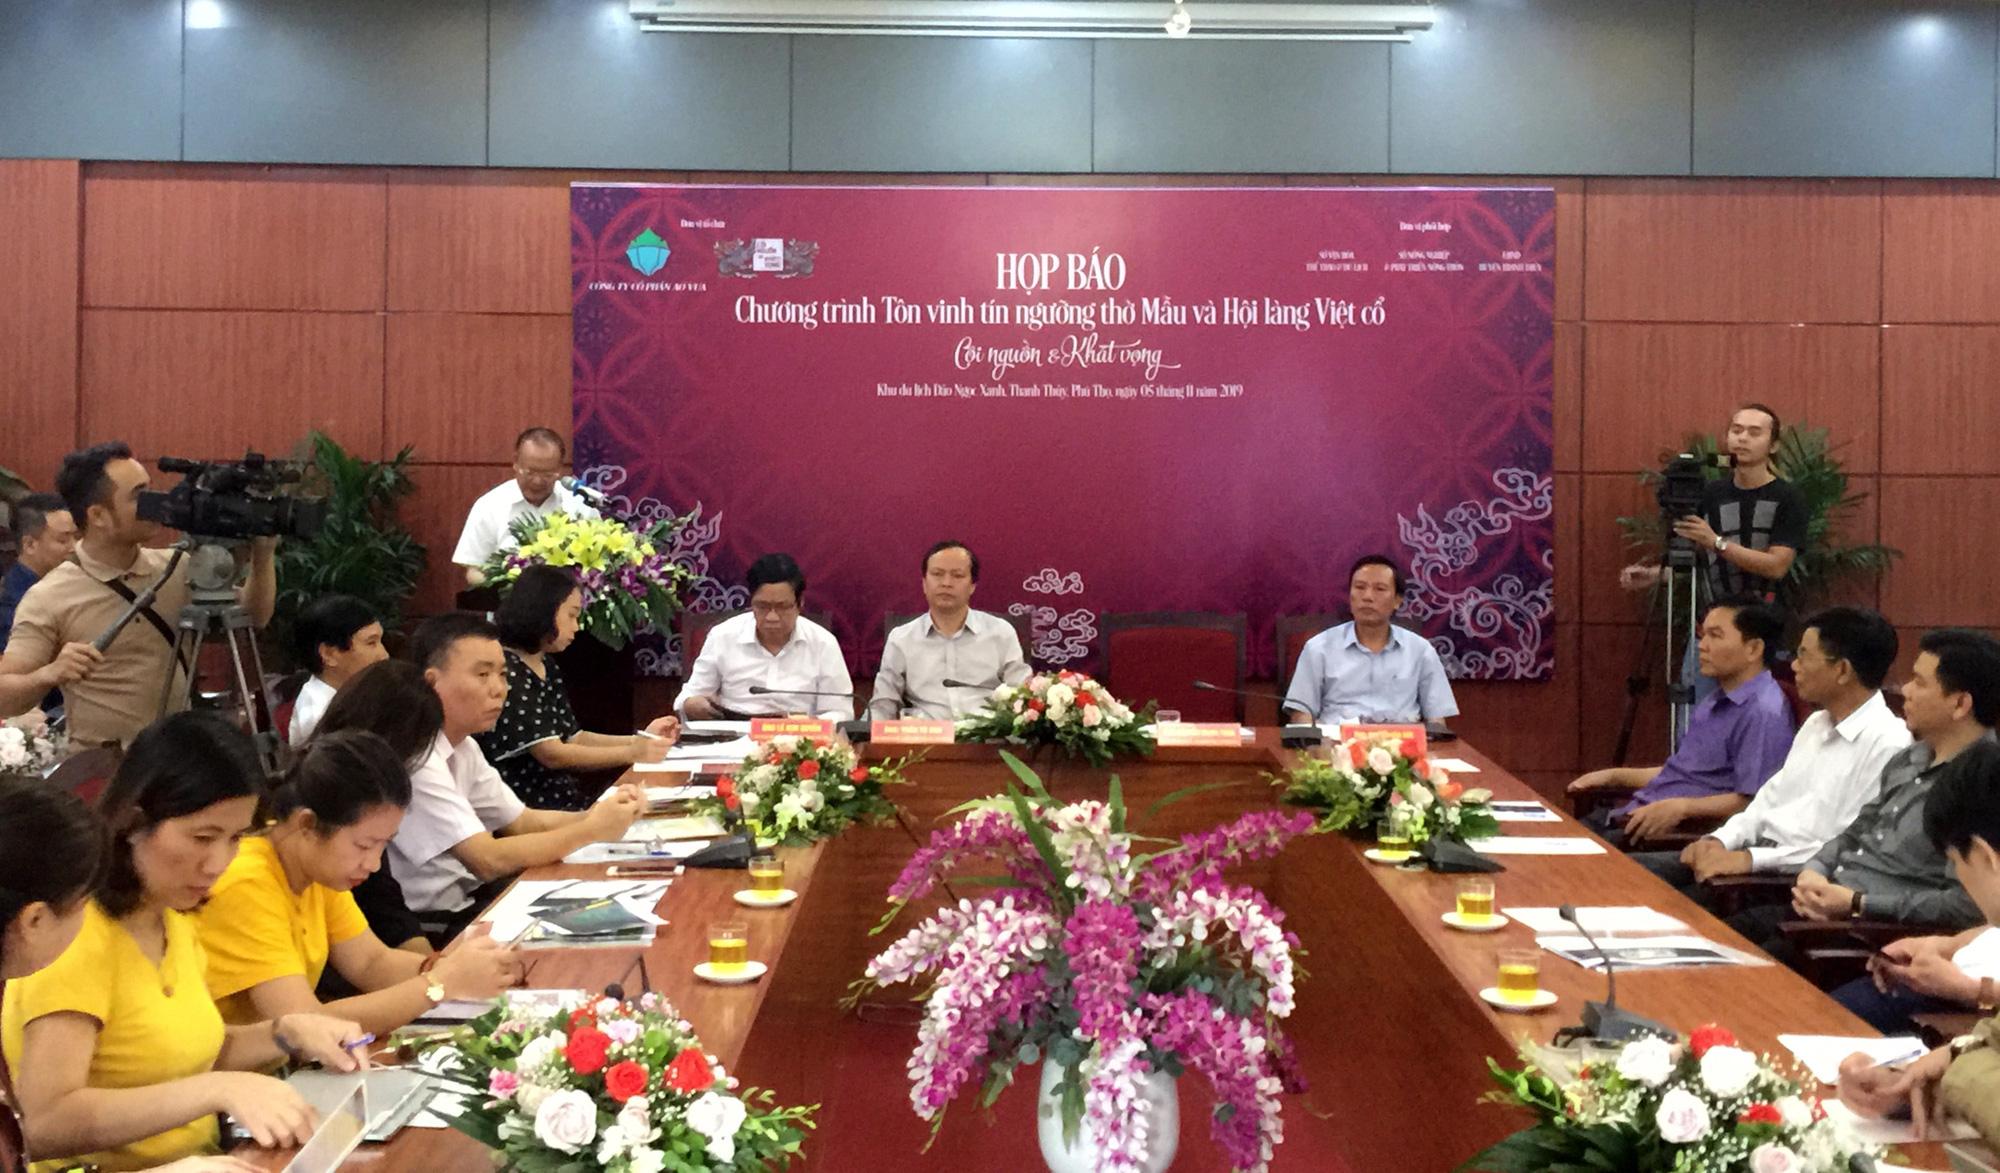 Lần đầu tiên tái hiện Hội làng Việt cổ và tôn vinh tín ngưỡng thờ Mẫu ở Phú Thọ - Ảnh 1.